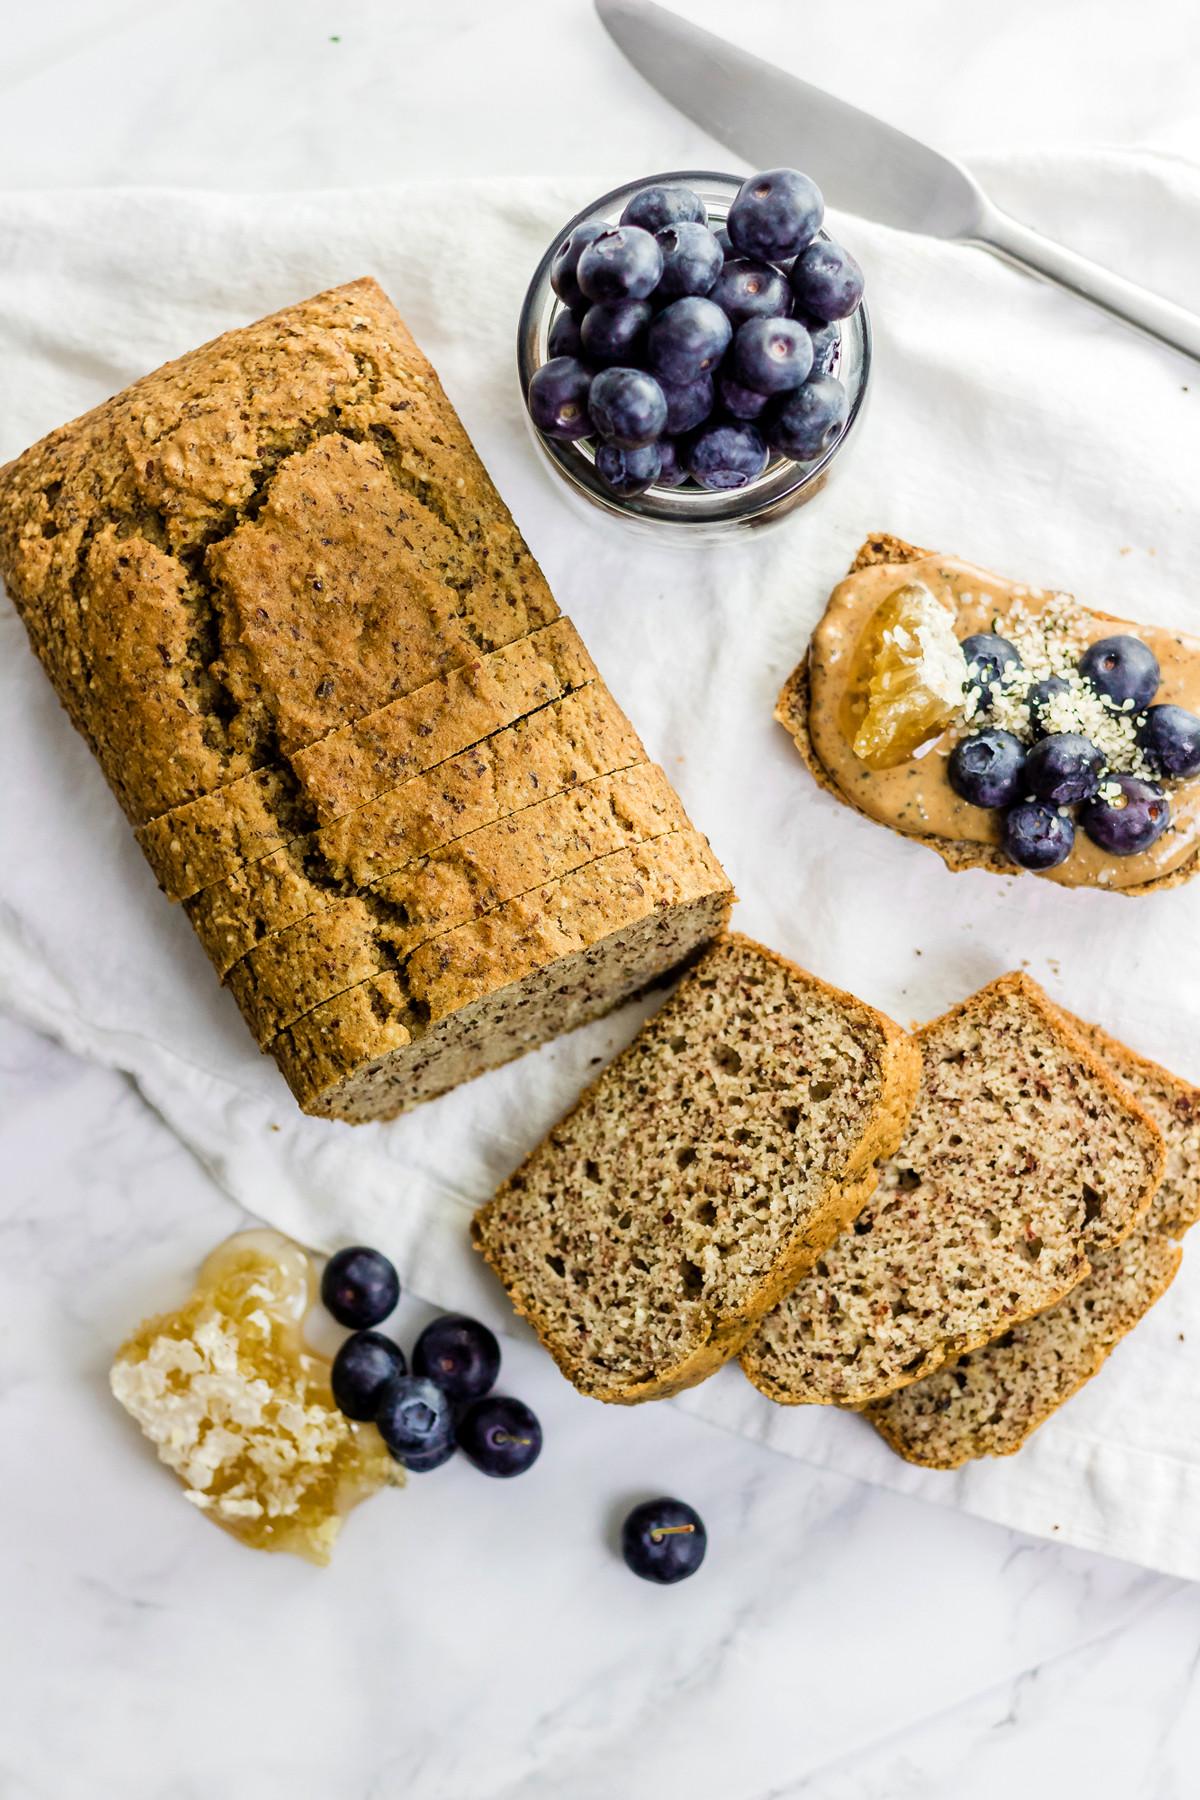 Paleo Low Carb Bread  The BEST Paleo Sandwich Bread gluten free grain free